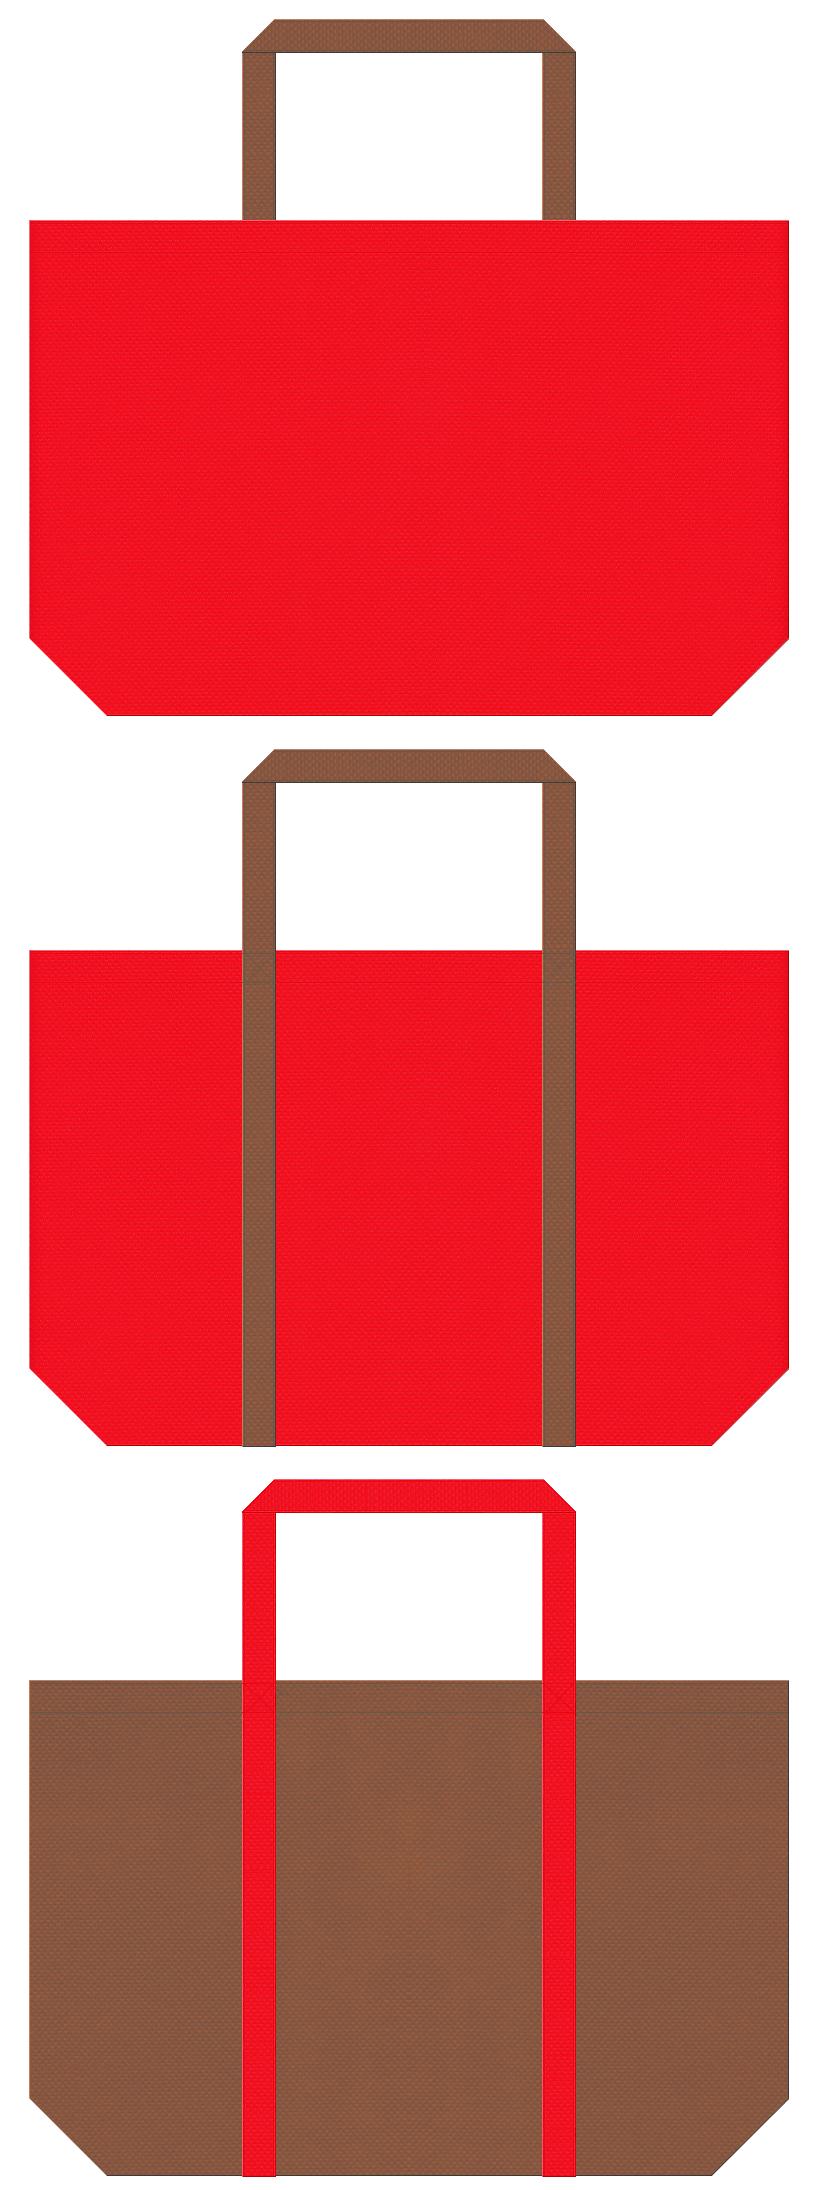 赤色と茶色の不織布バッグデザイン。クリスマス商品のショッピングバッグにお奨めです。